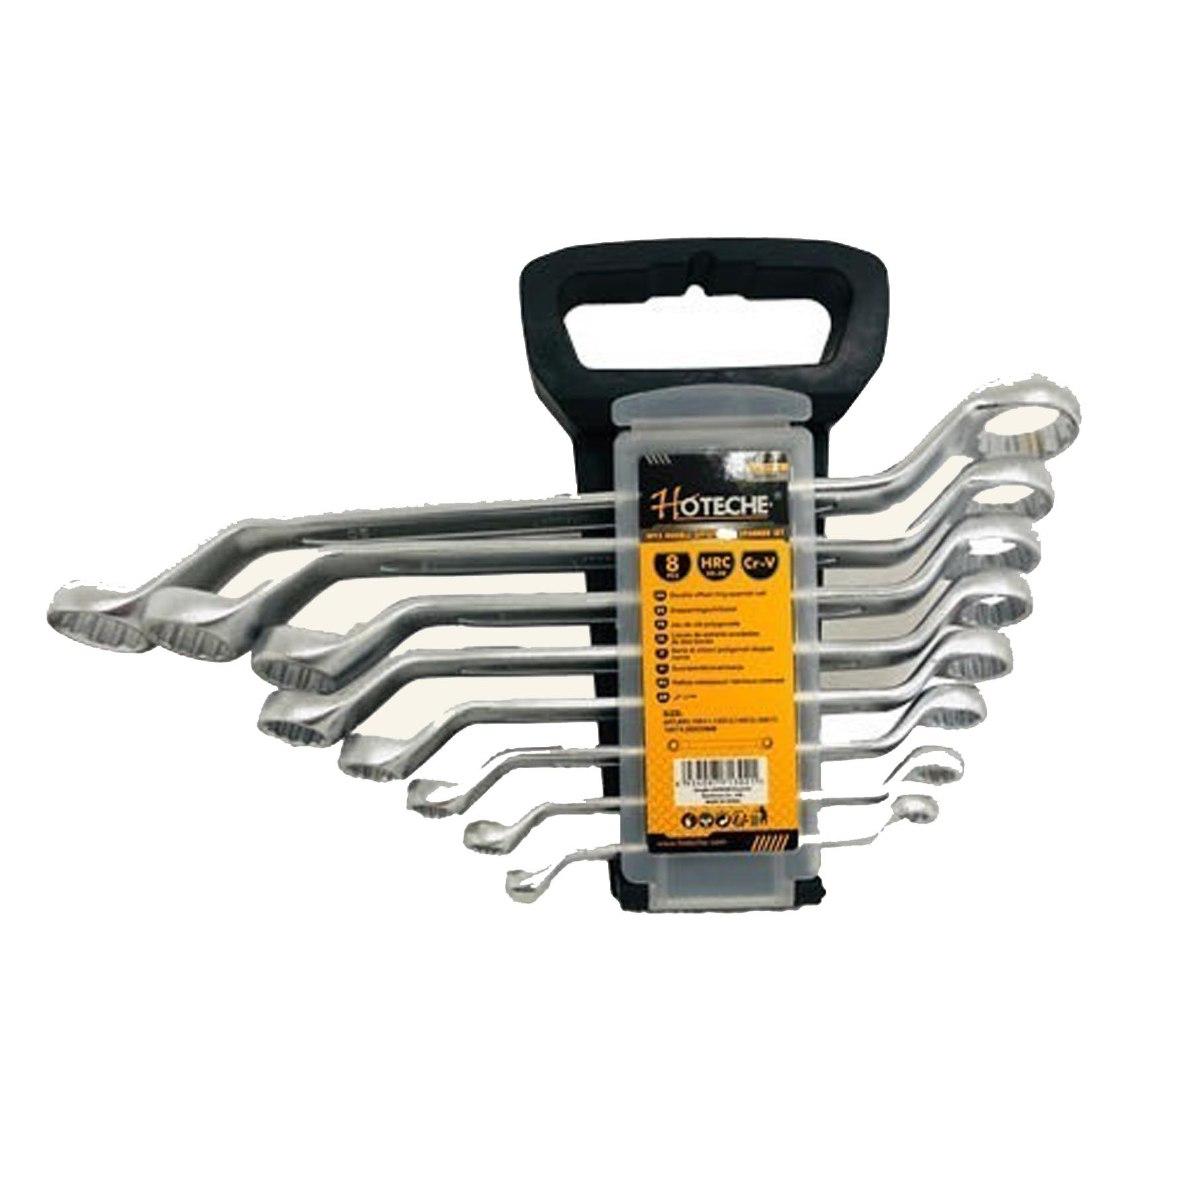 סט 8 מפתחות רינג רינג מכופף מבית חברת HOTECHE